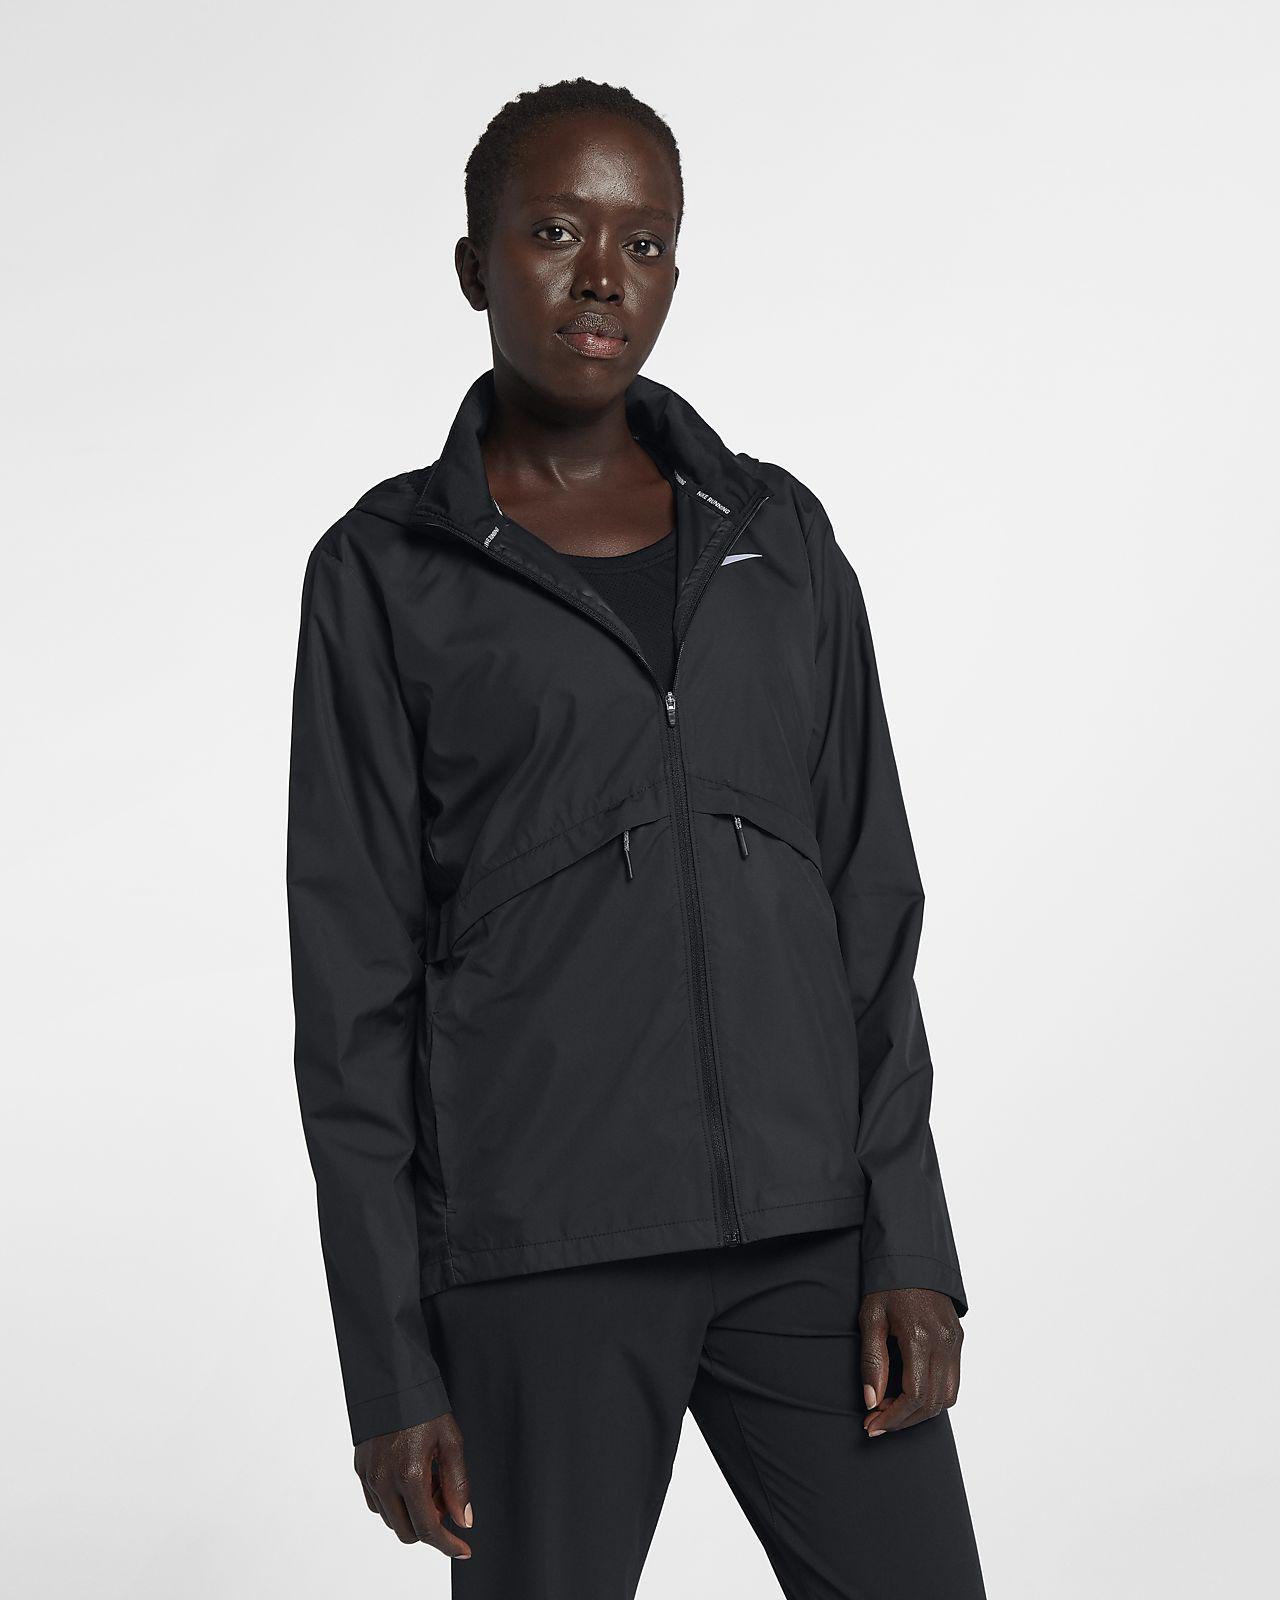 Nike Essential összecsomagolható női esőkabát futáshoz